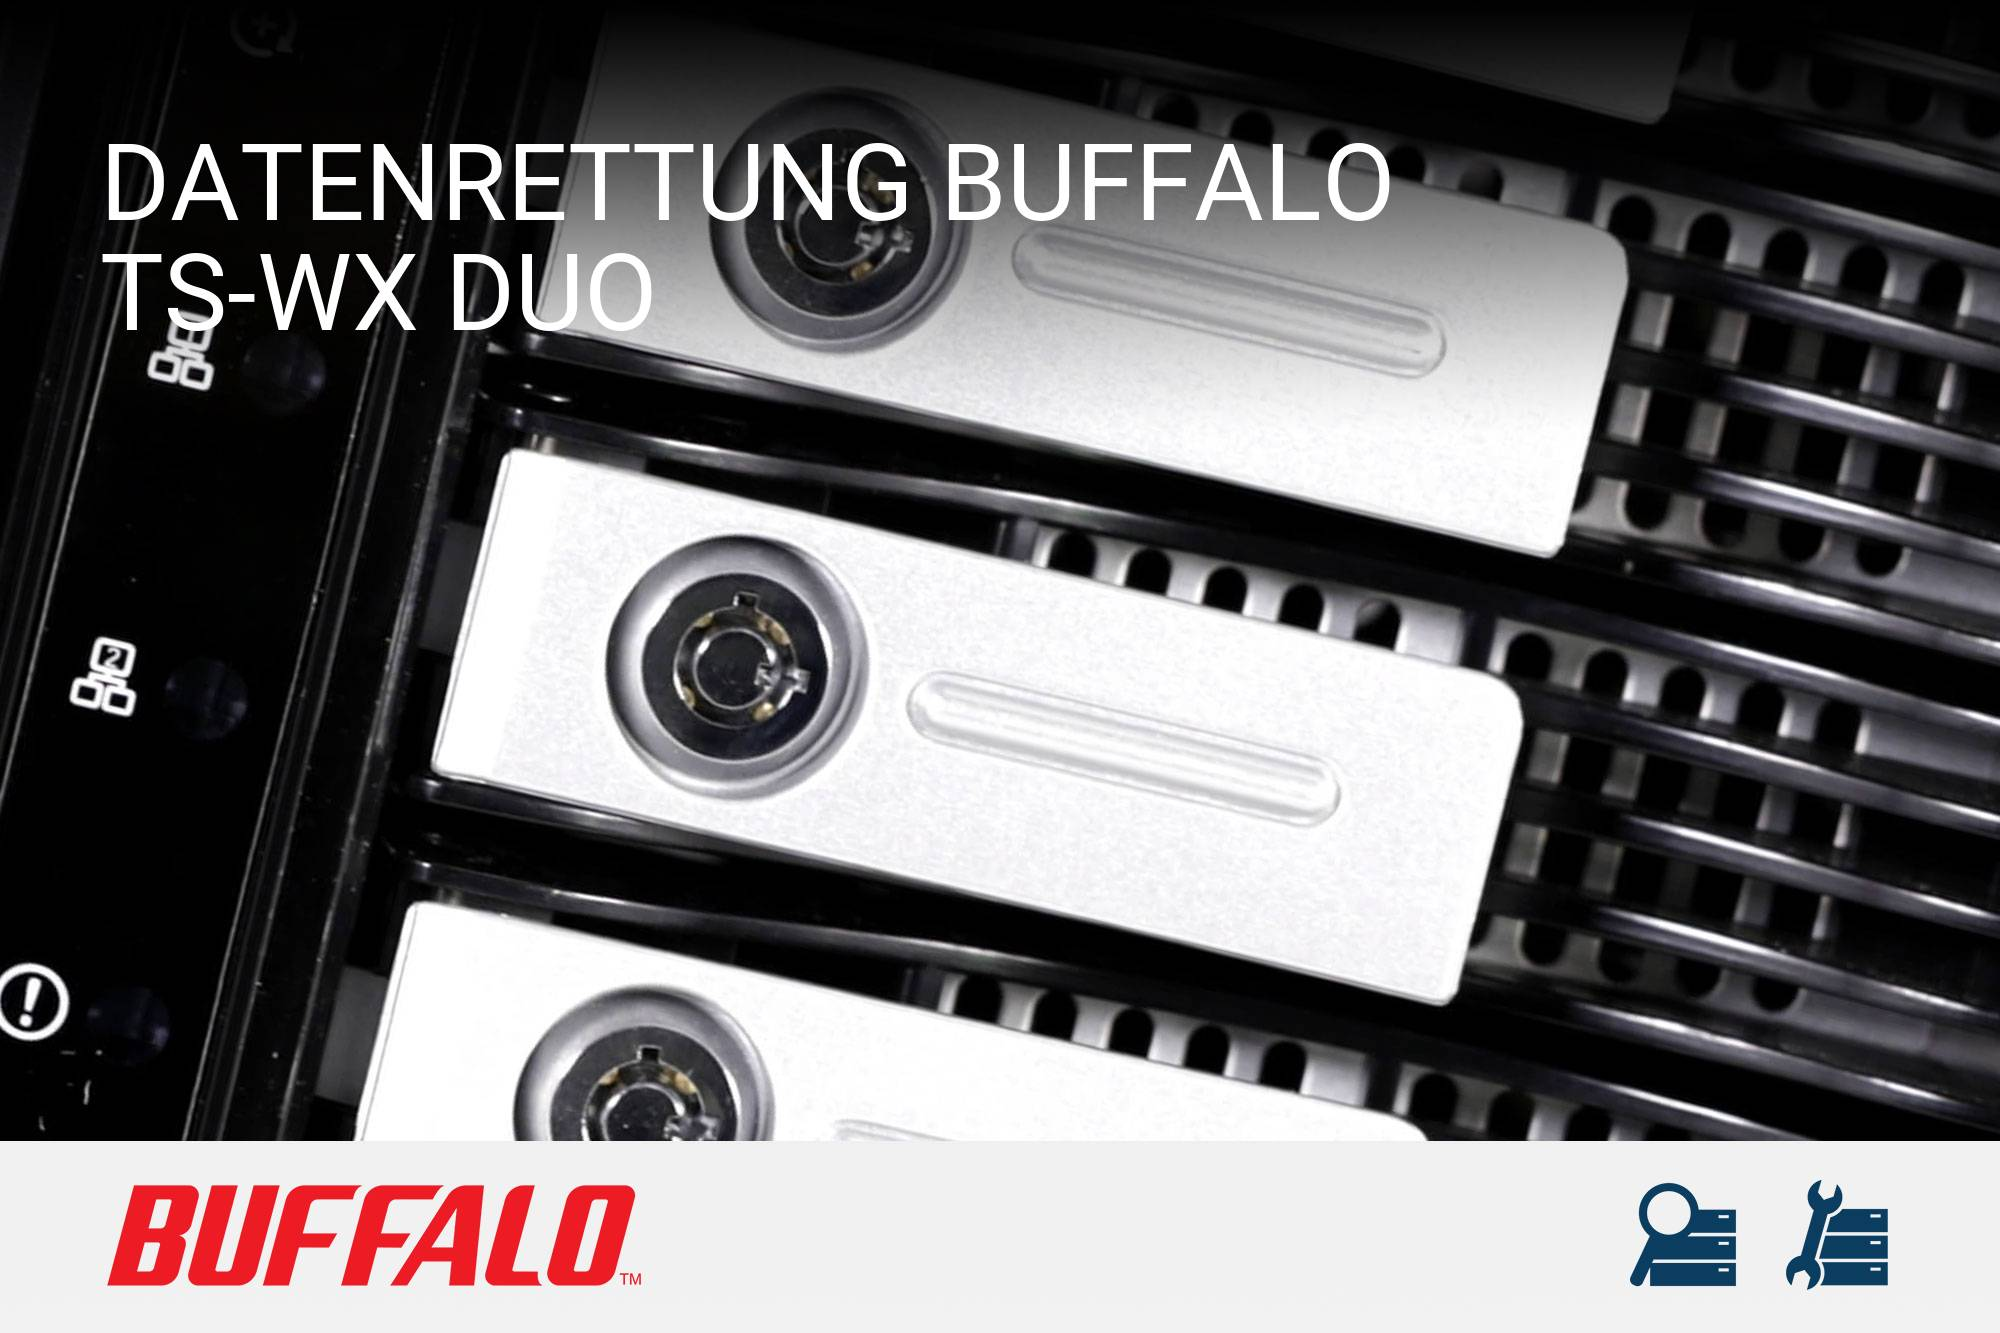 Buffalo TS-WX Duo